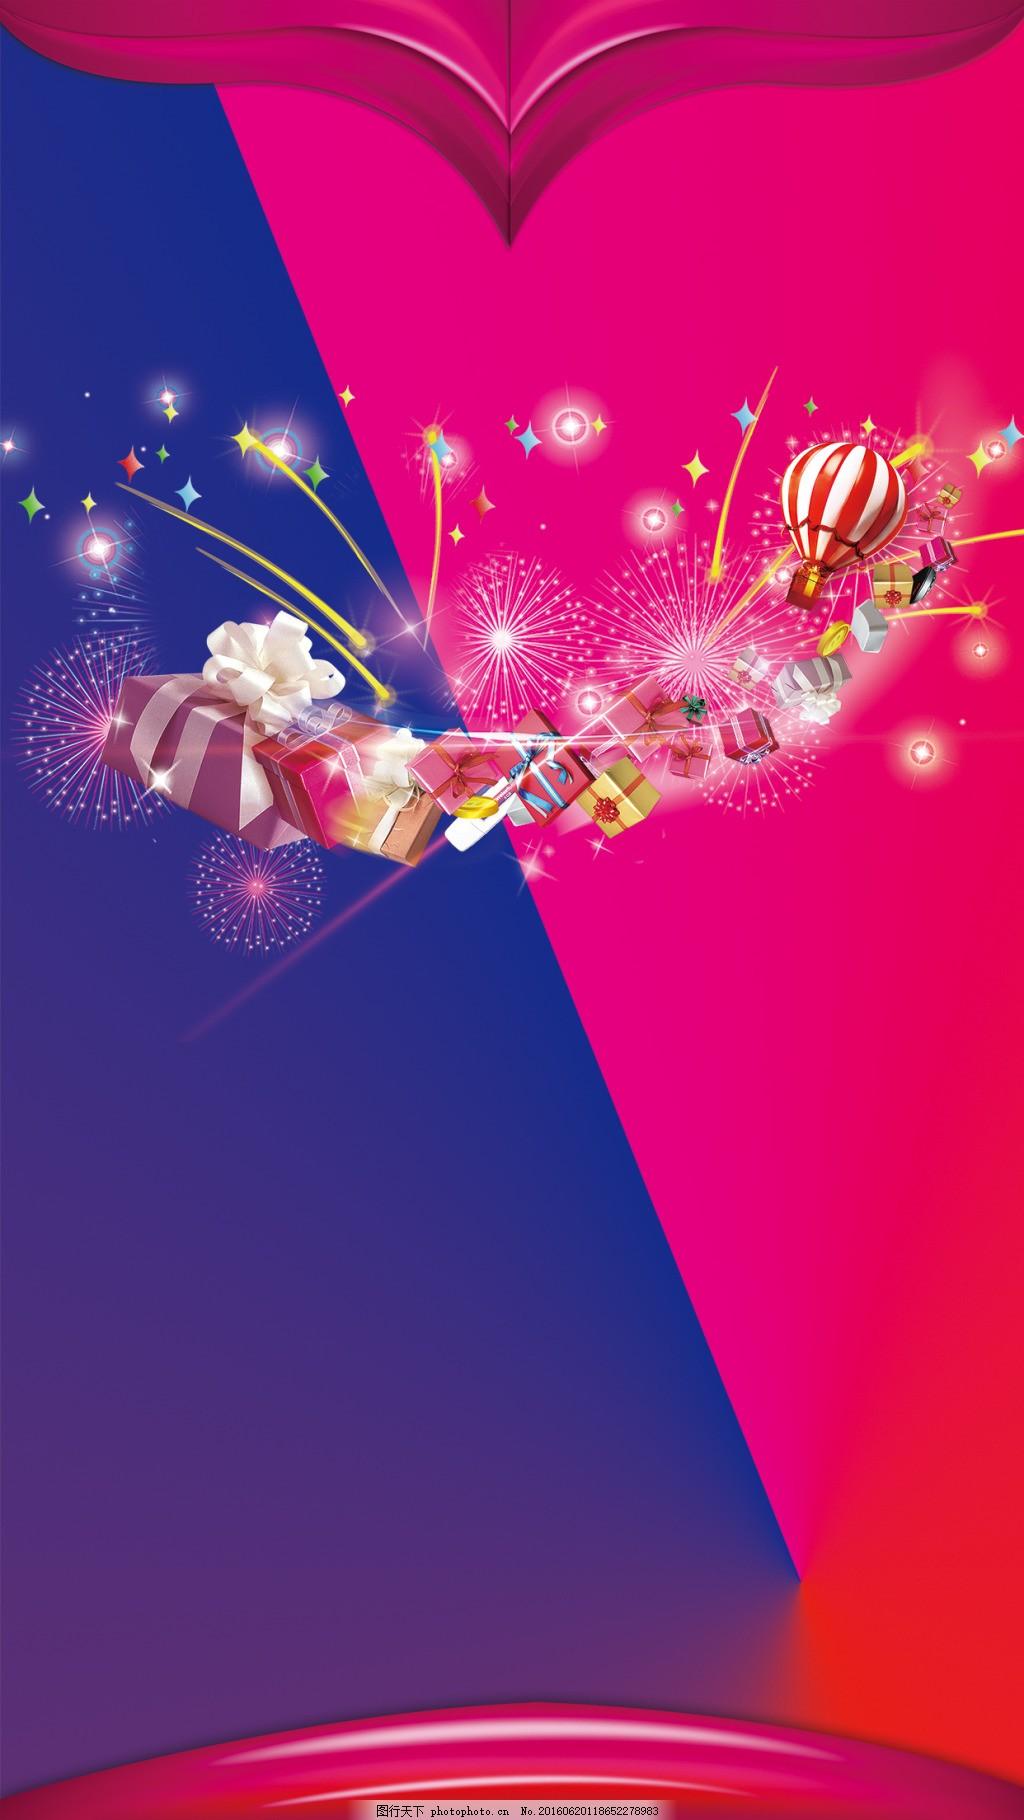 节日庆典活动促销渐变h5背景psd下载 烟花 枚红色 蓝色 几何